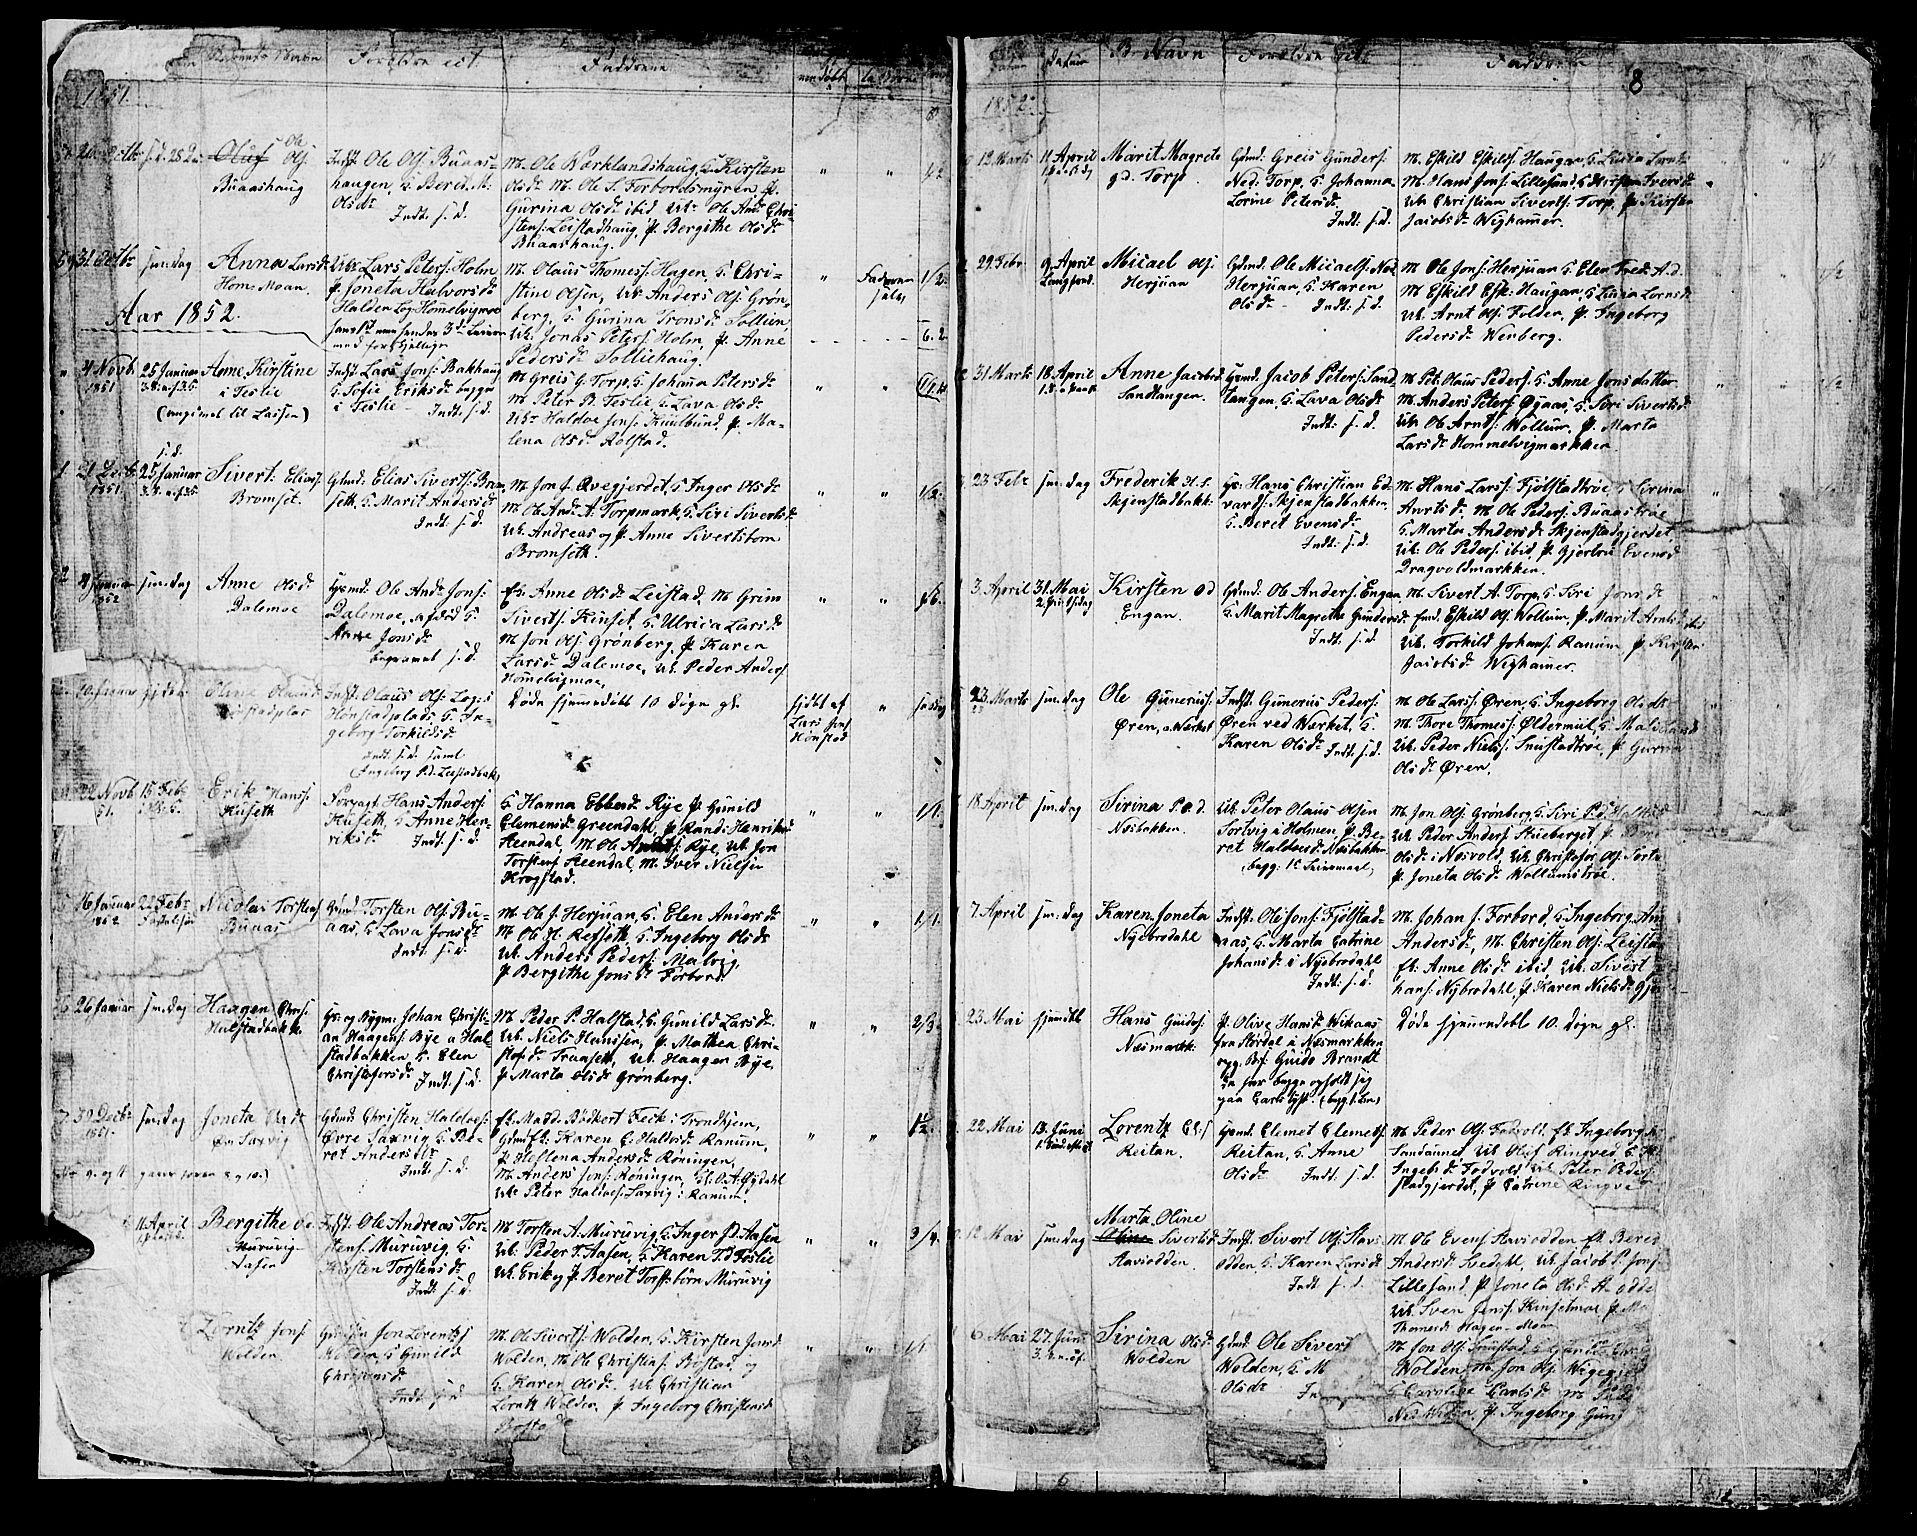 SAT, Ministerialprotokoller, klokkerbøker og fødselsregistre - Sør-Trøndelag, 616/L0422: Klokkerbok nr. 616C05, 1850-1888, s. 6